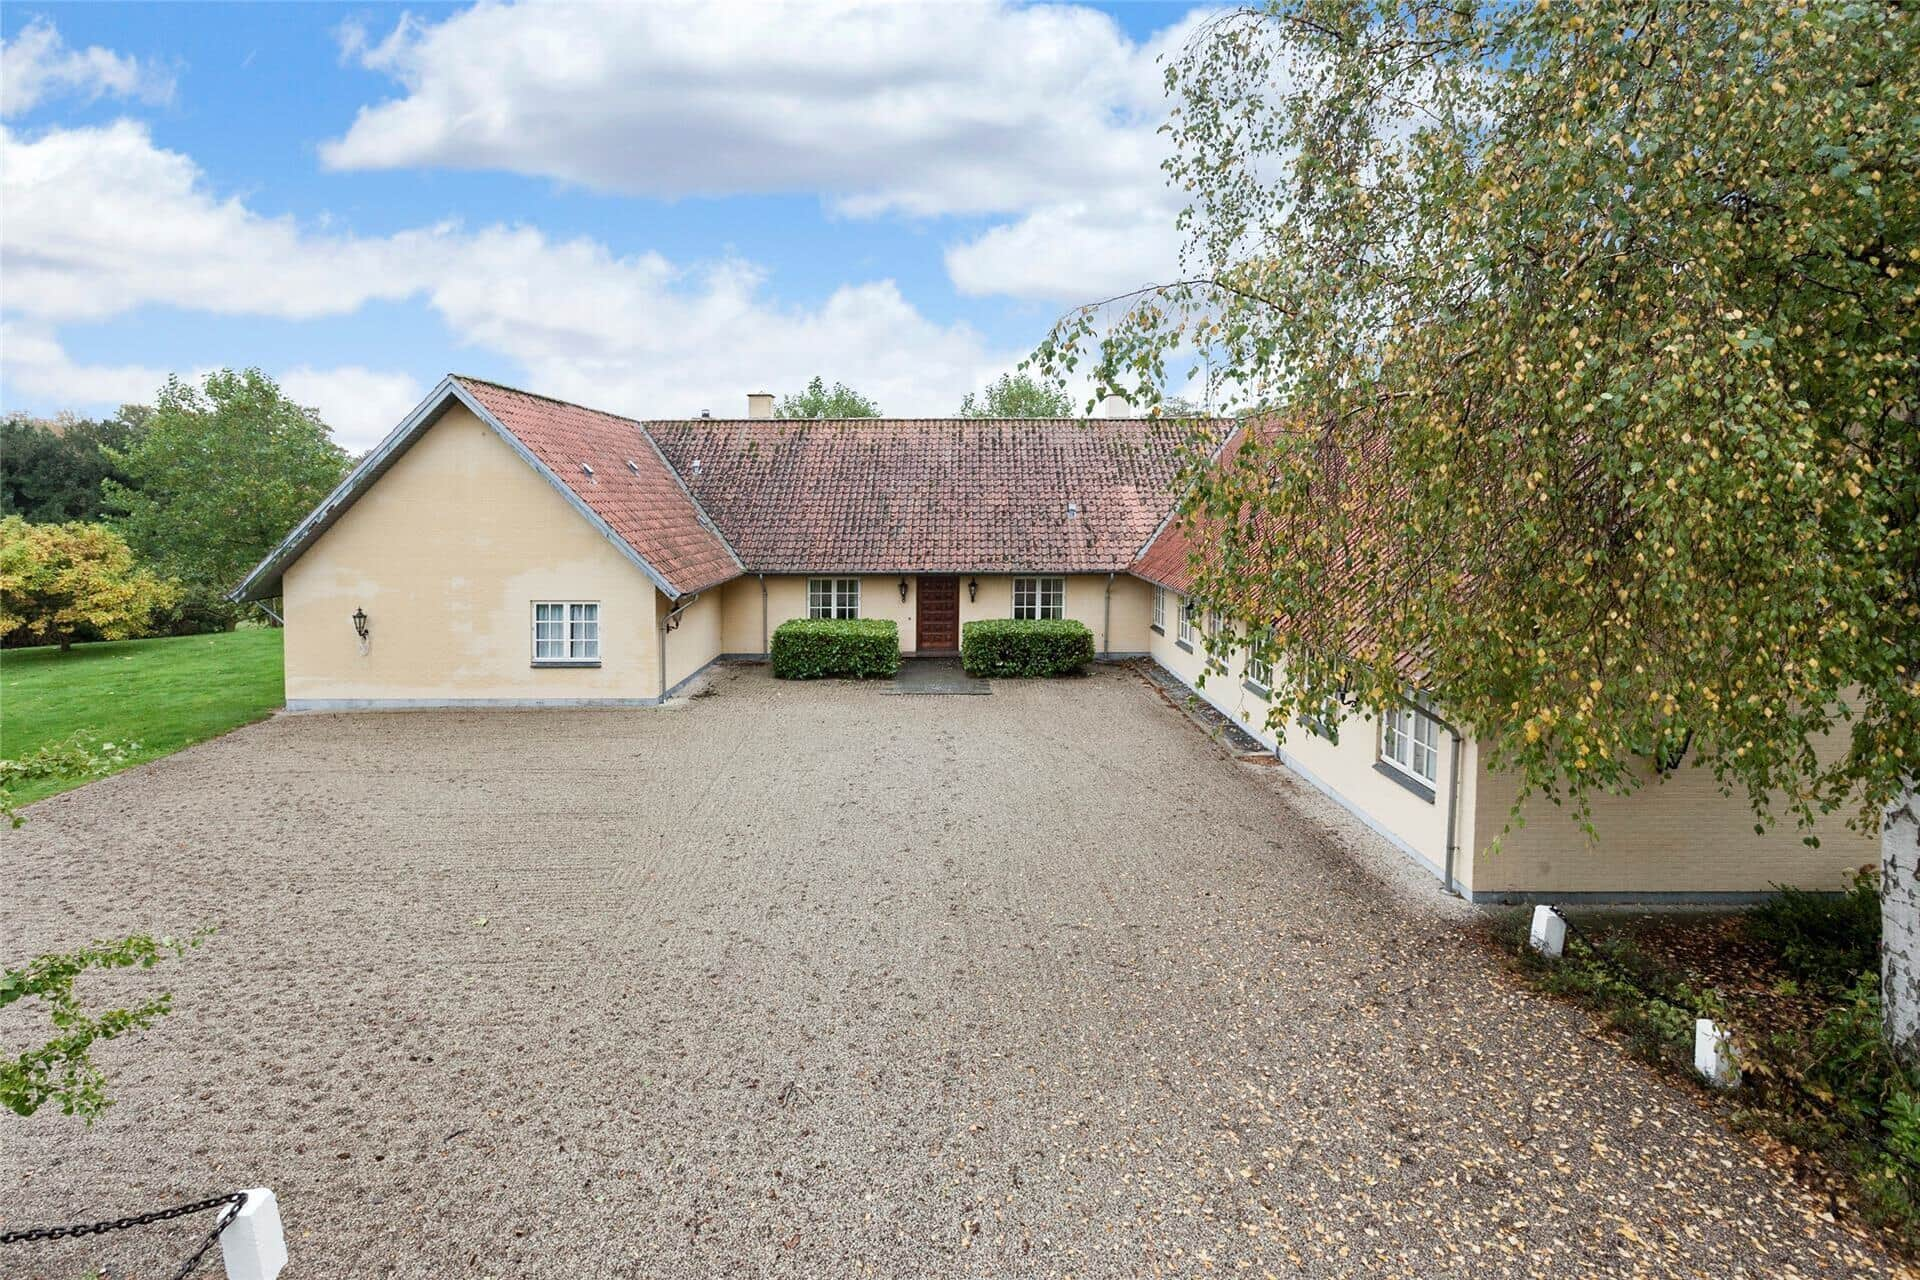 Billede 1-3 Sommerhus M68016, Slotsalleen 100, DK - 5700 Svendborg